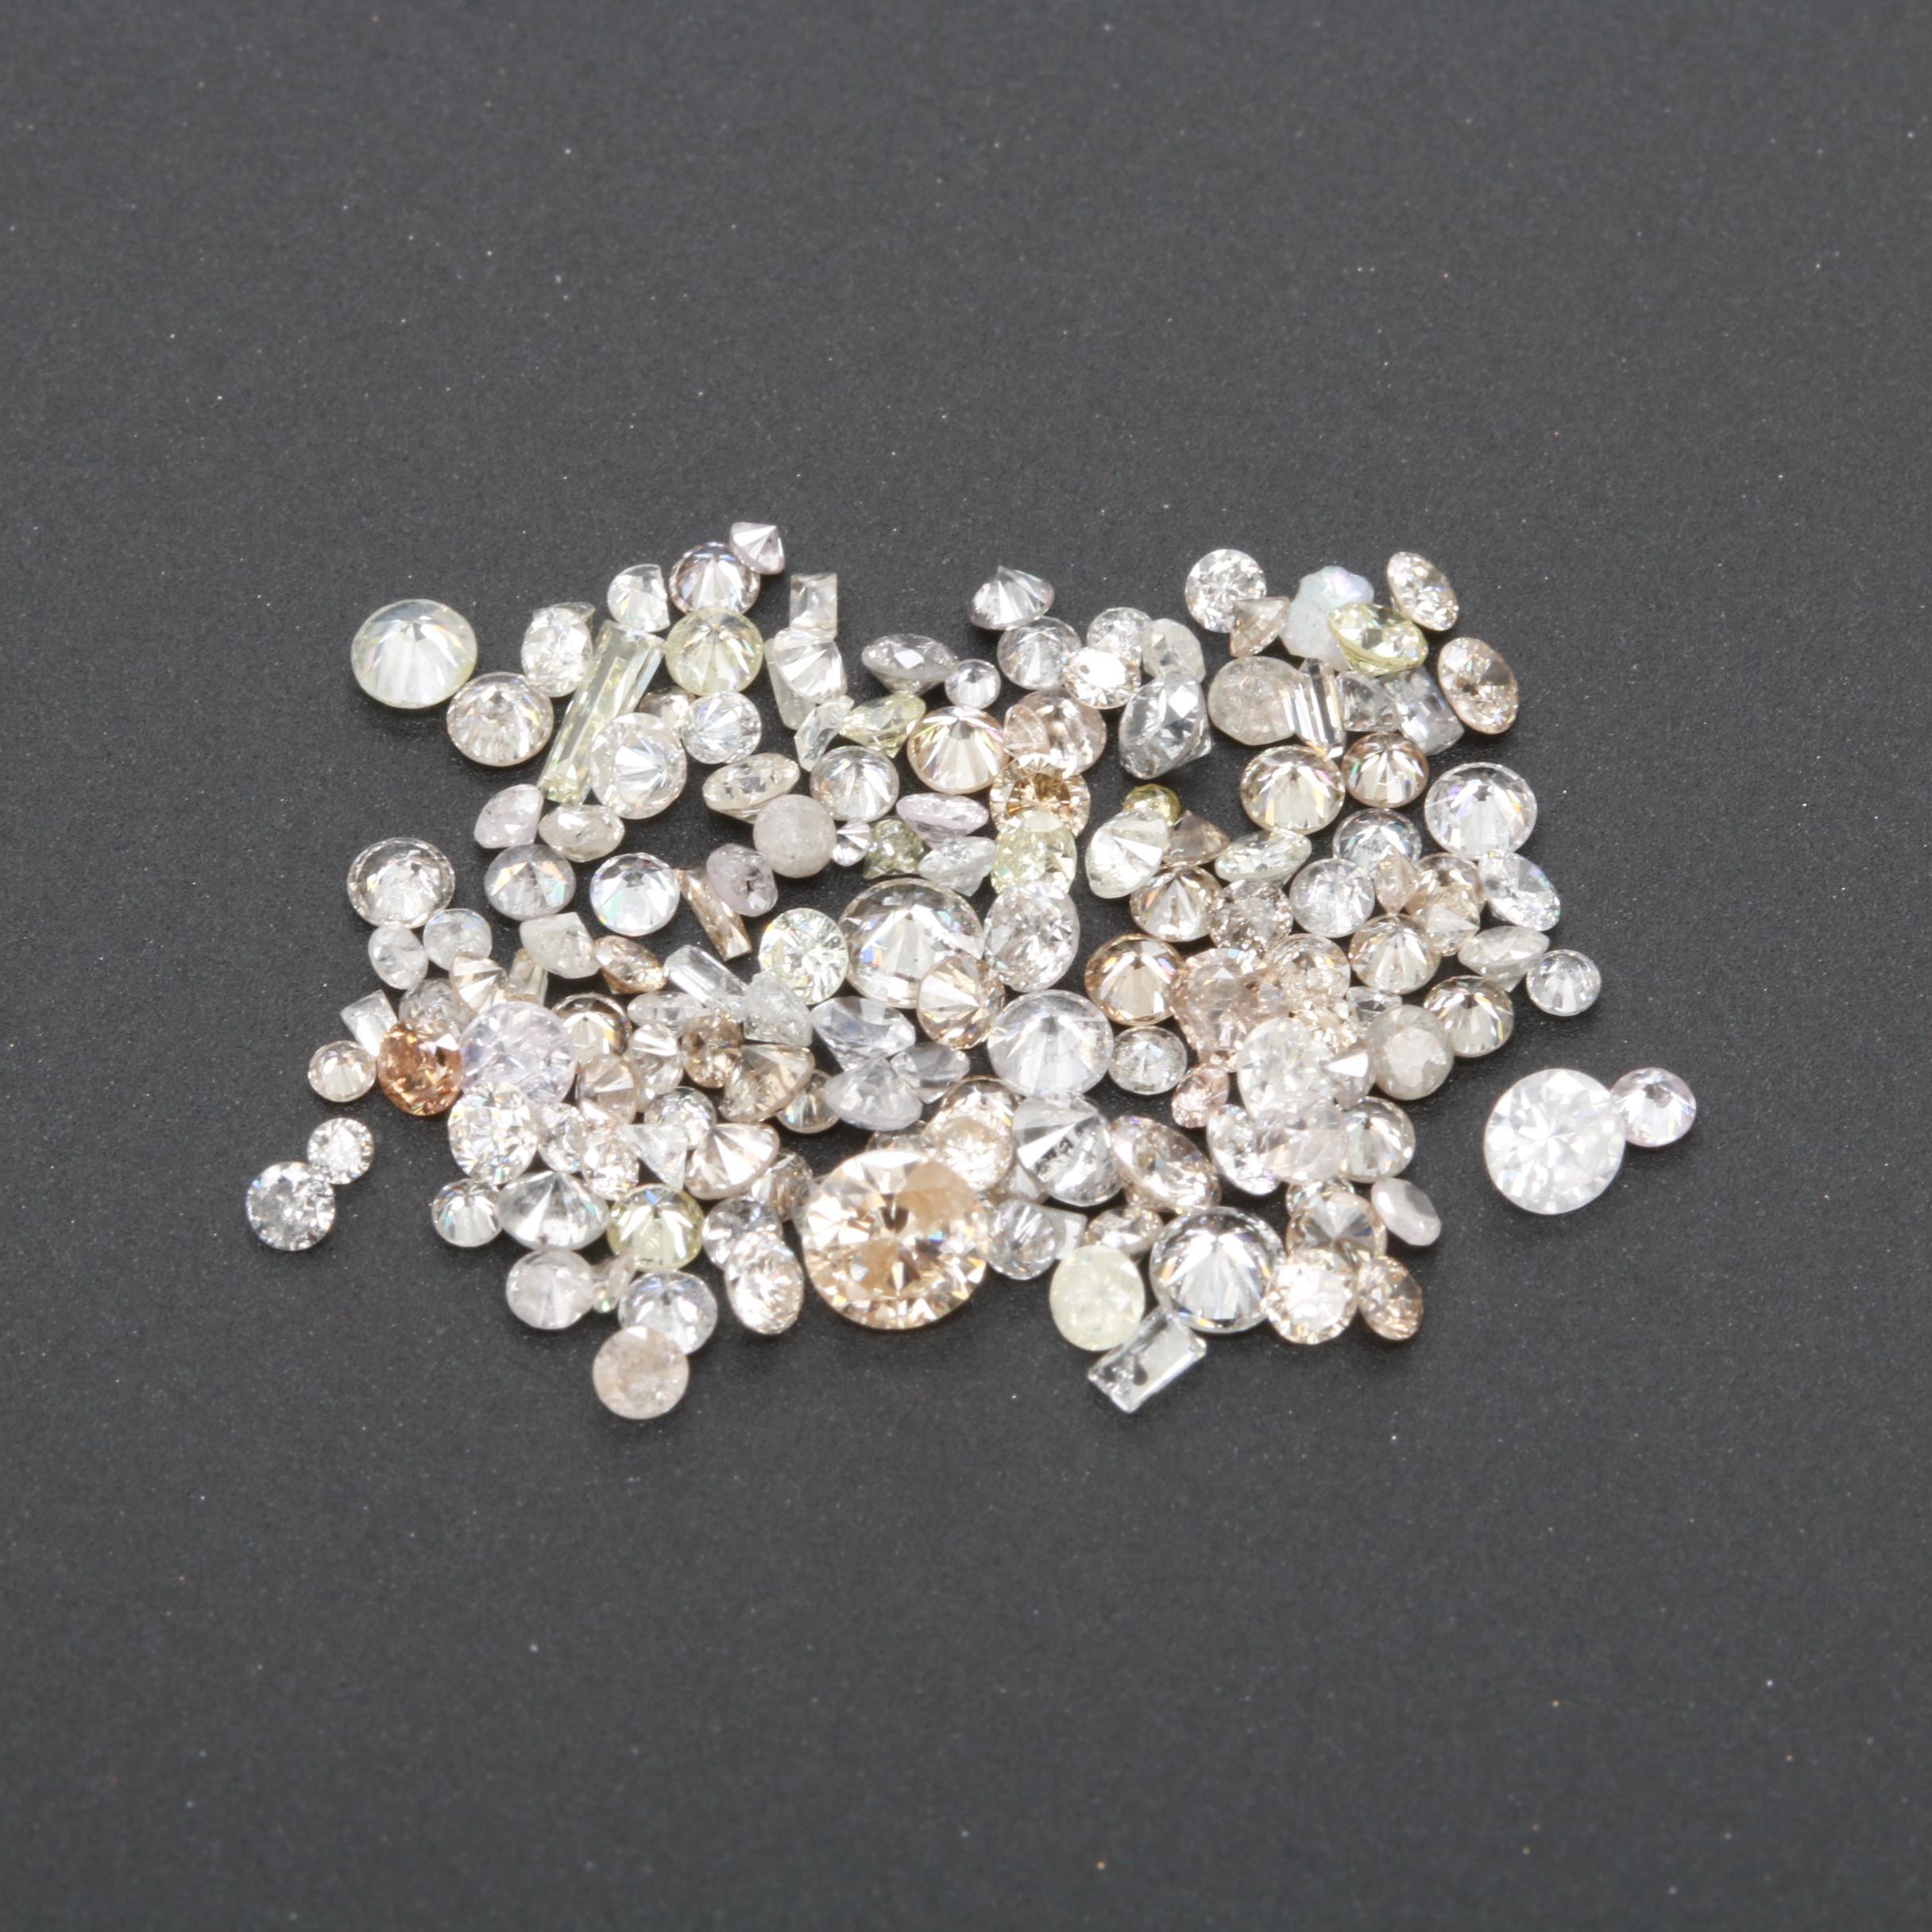 Loose Mixed Cut 4.03 CTW Diamond Assortment